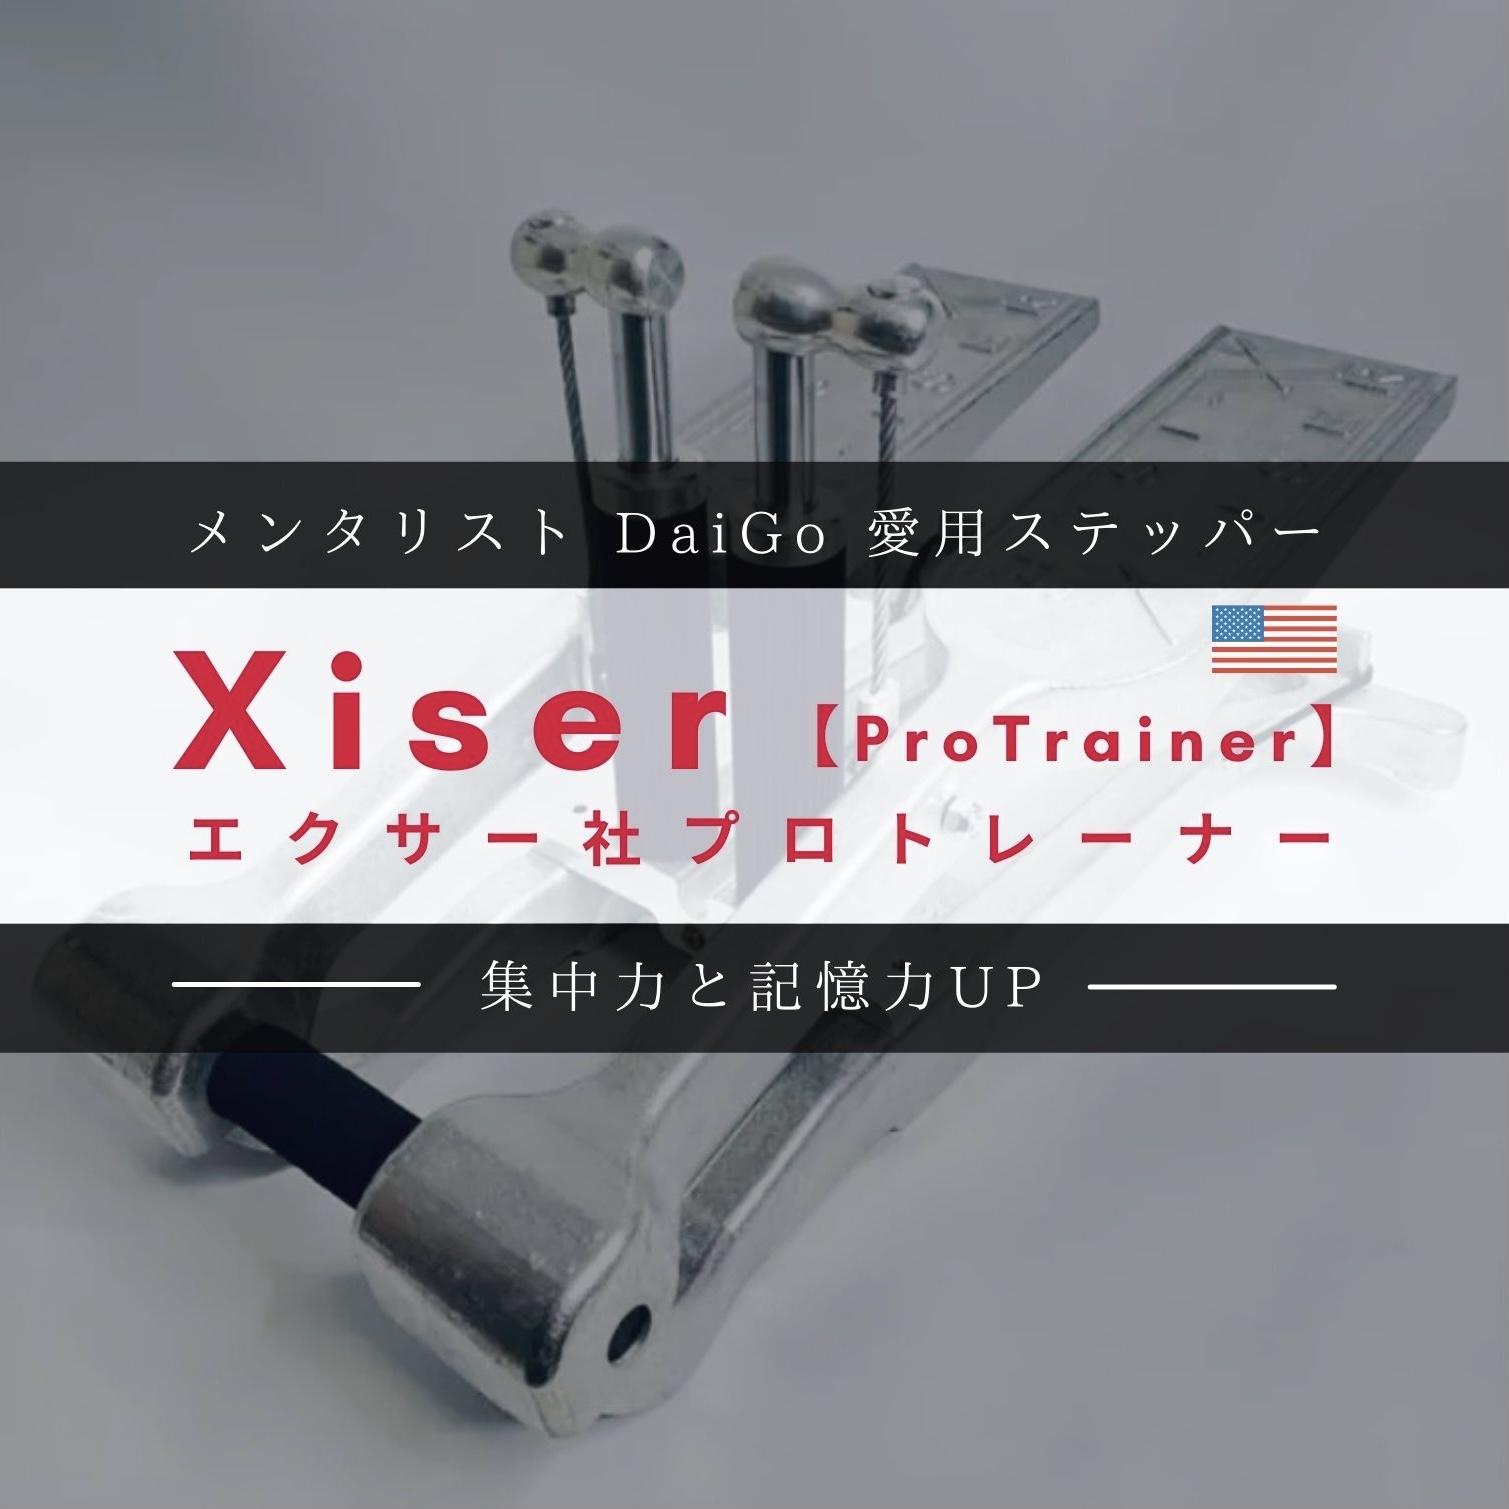 【メンタリストDaiGo】愛用ステッパーXiser『Pro Trainer』【メリット・デメリット】